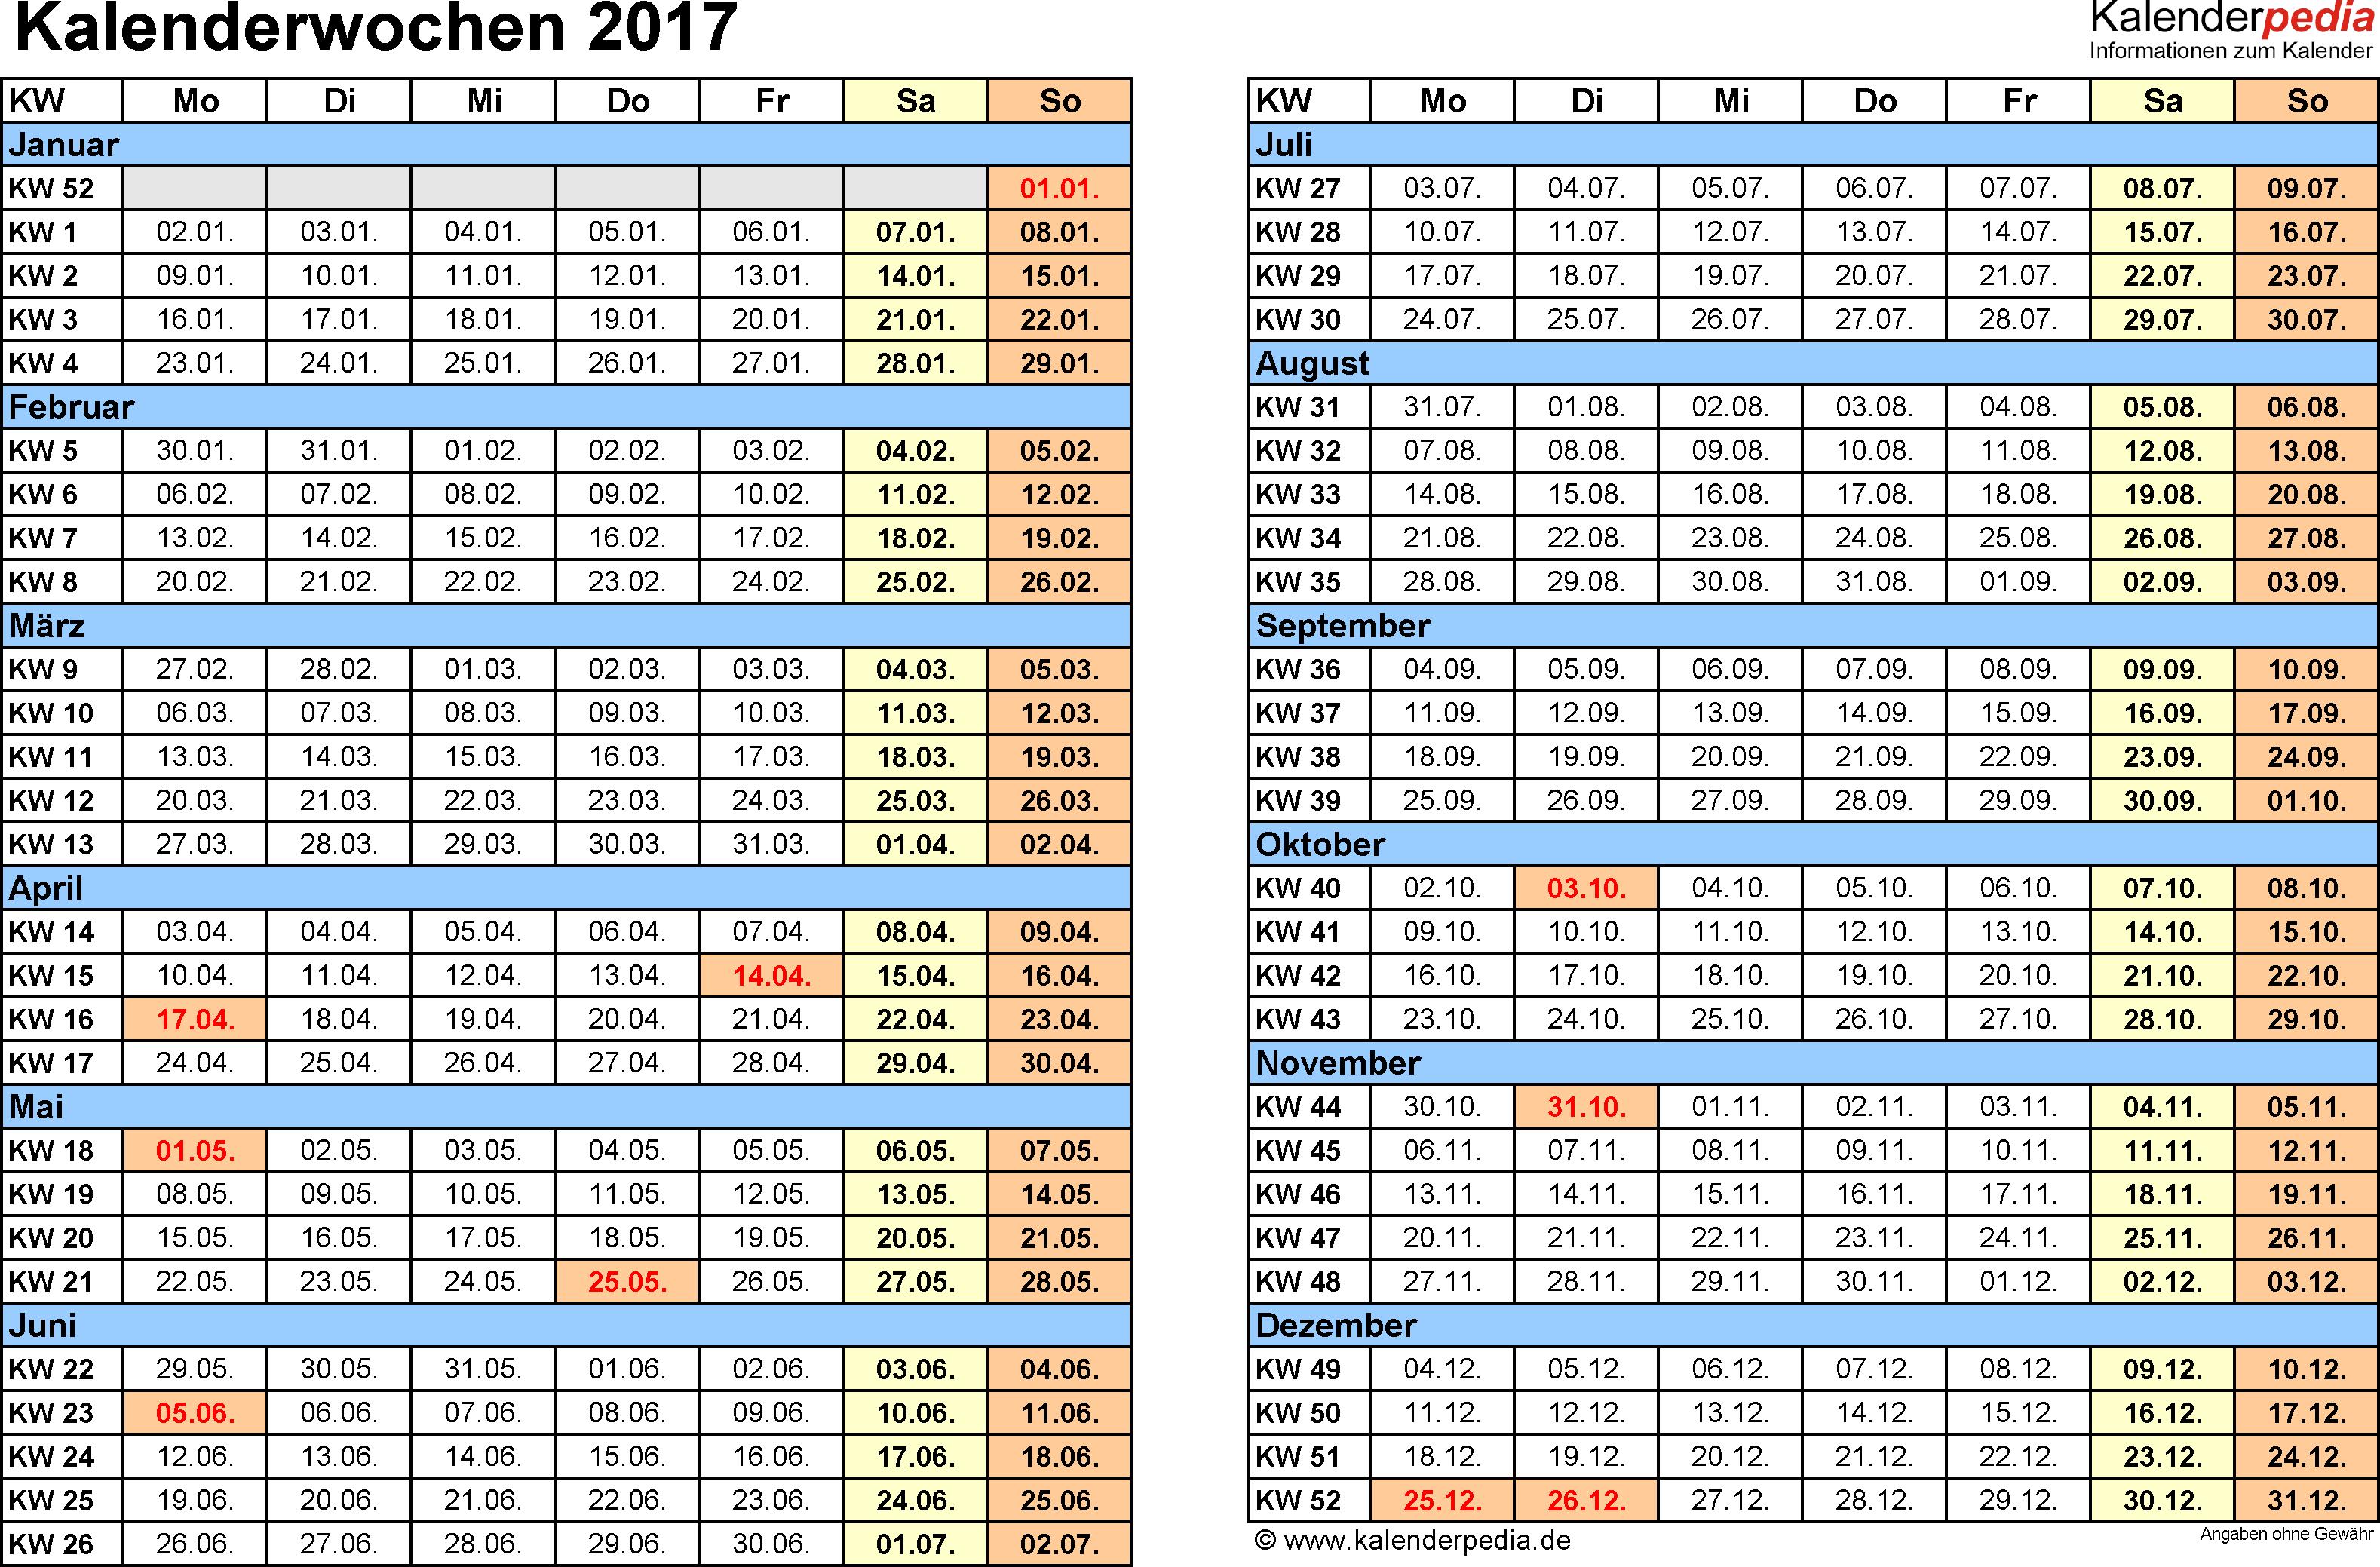 Vorlage 1: Kalenderwochen 2017 mit Monaten im Querformat als Excel-, Word- & PDF-Dateien